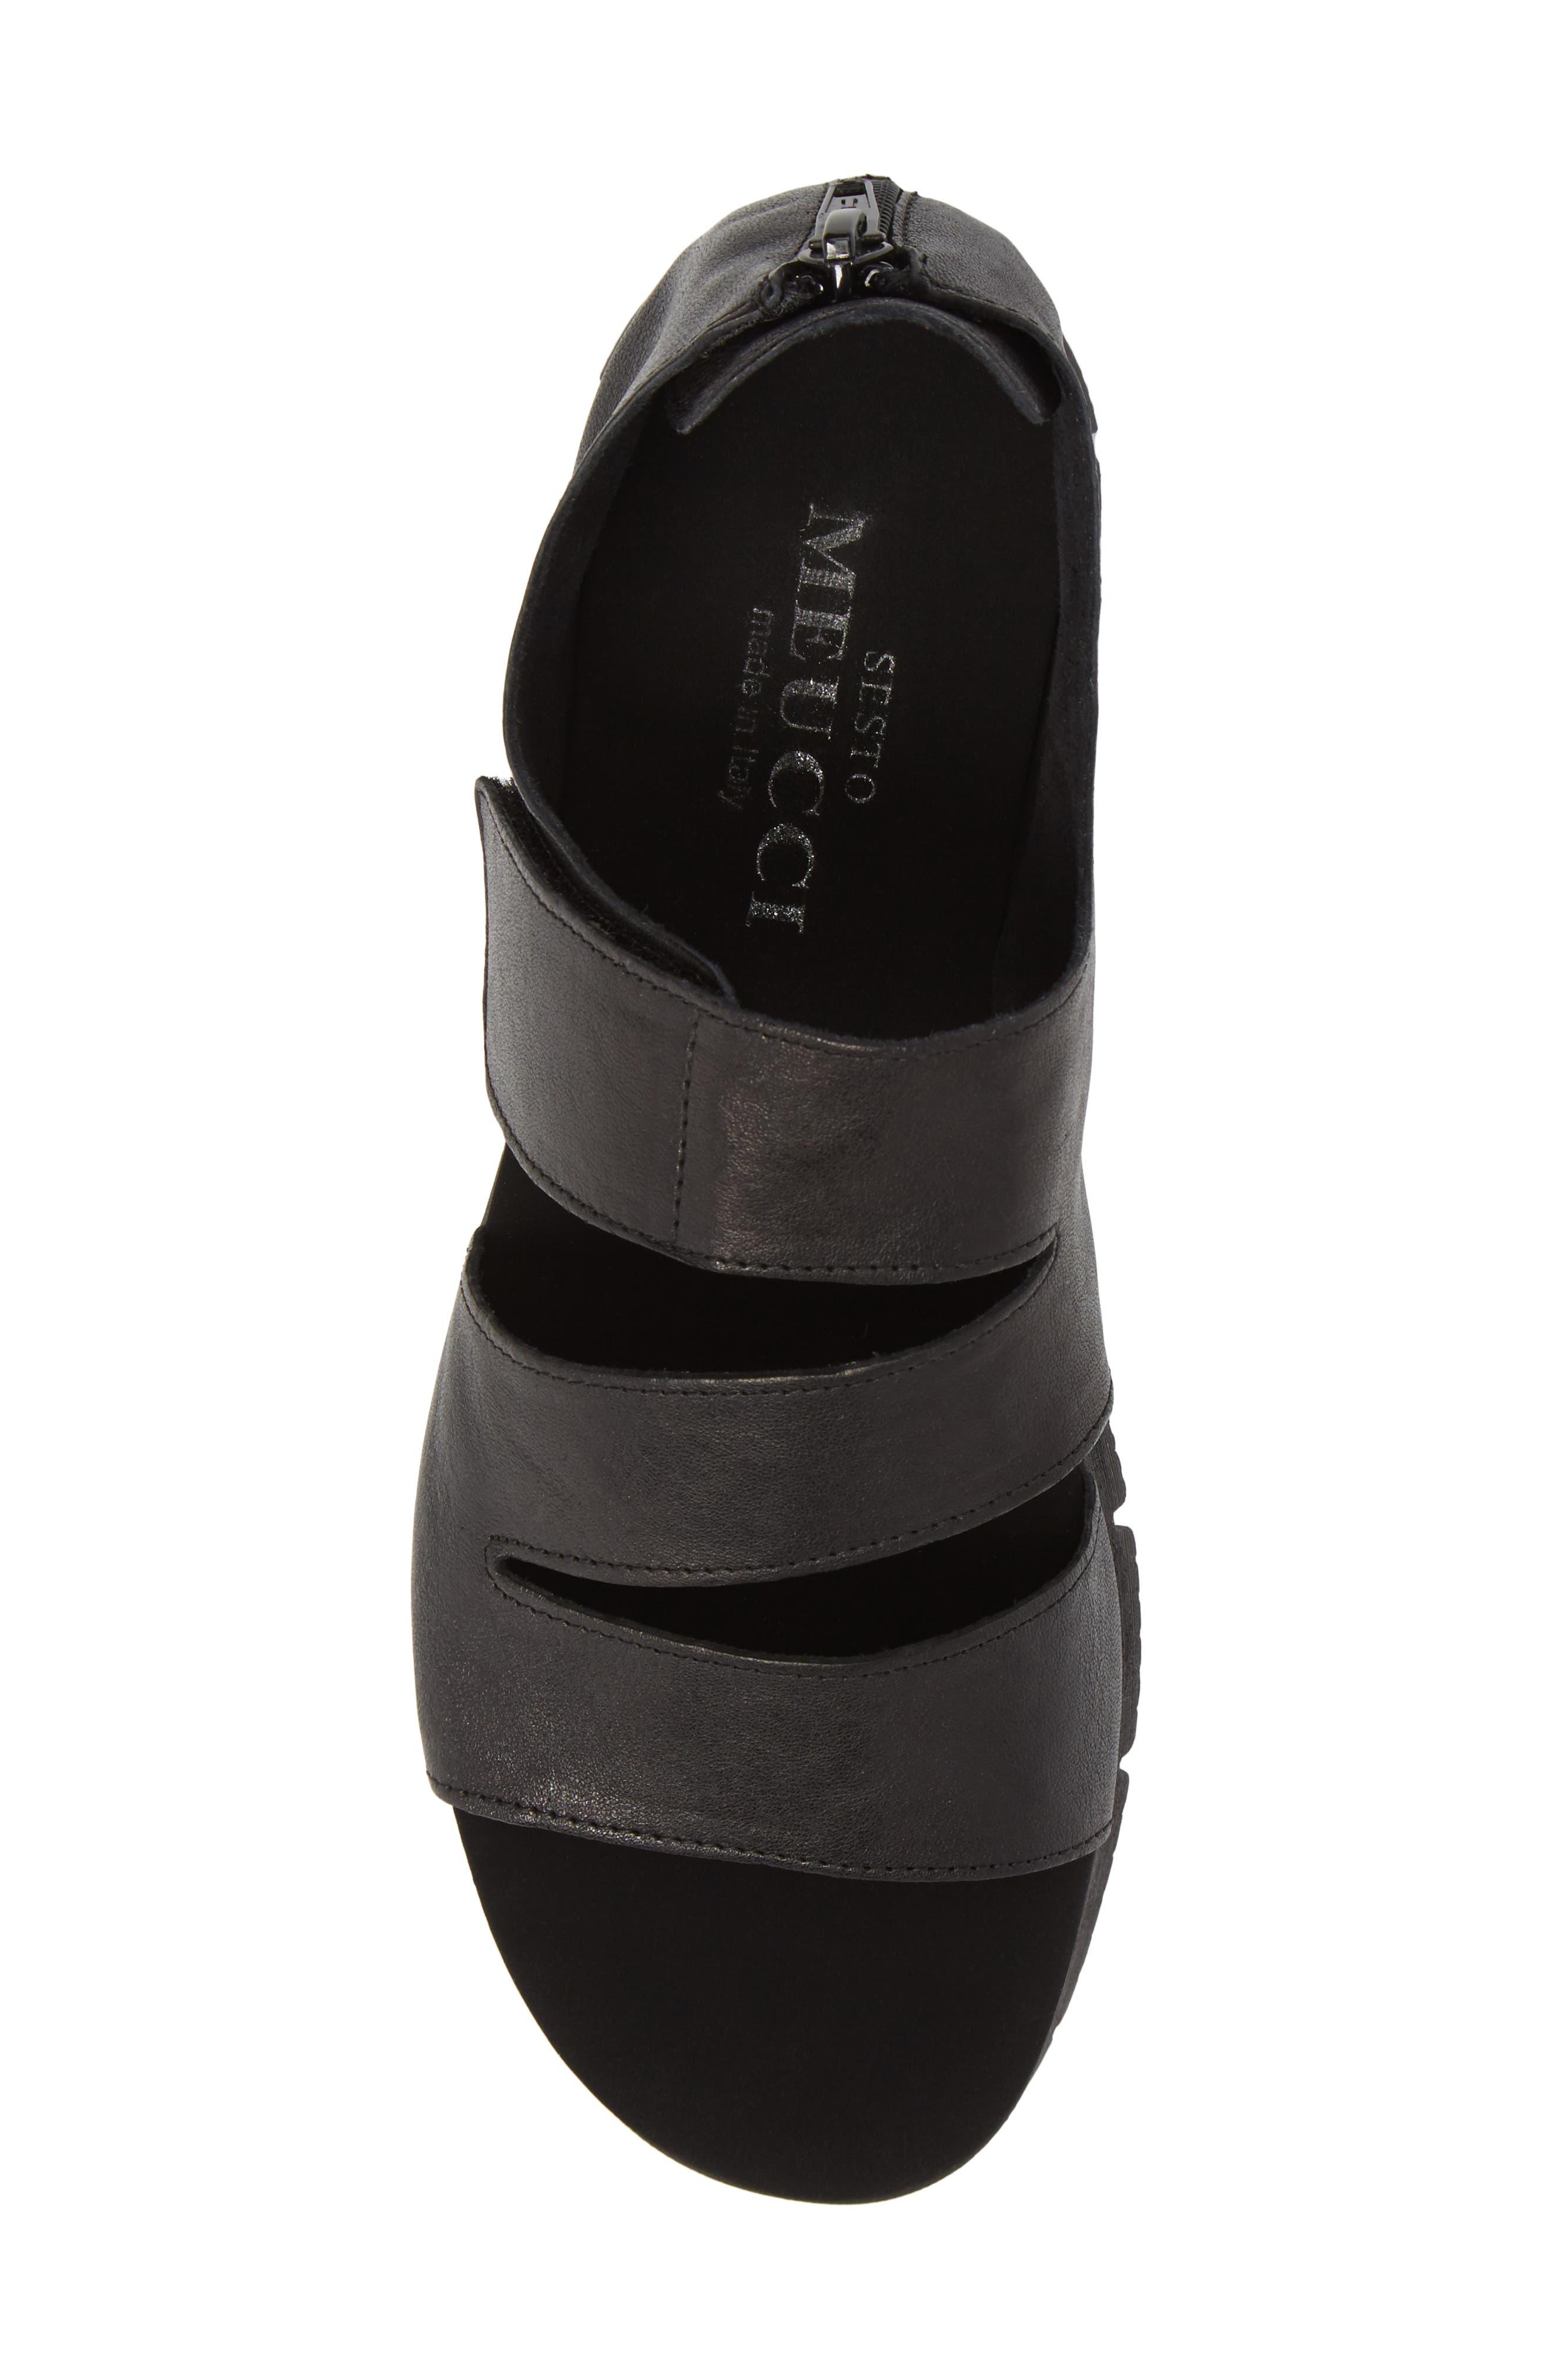 Tango Sandal,                             Alternate thumbnail 5, color,                             Black Rock/ Tory Black Rubber